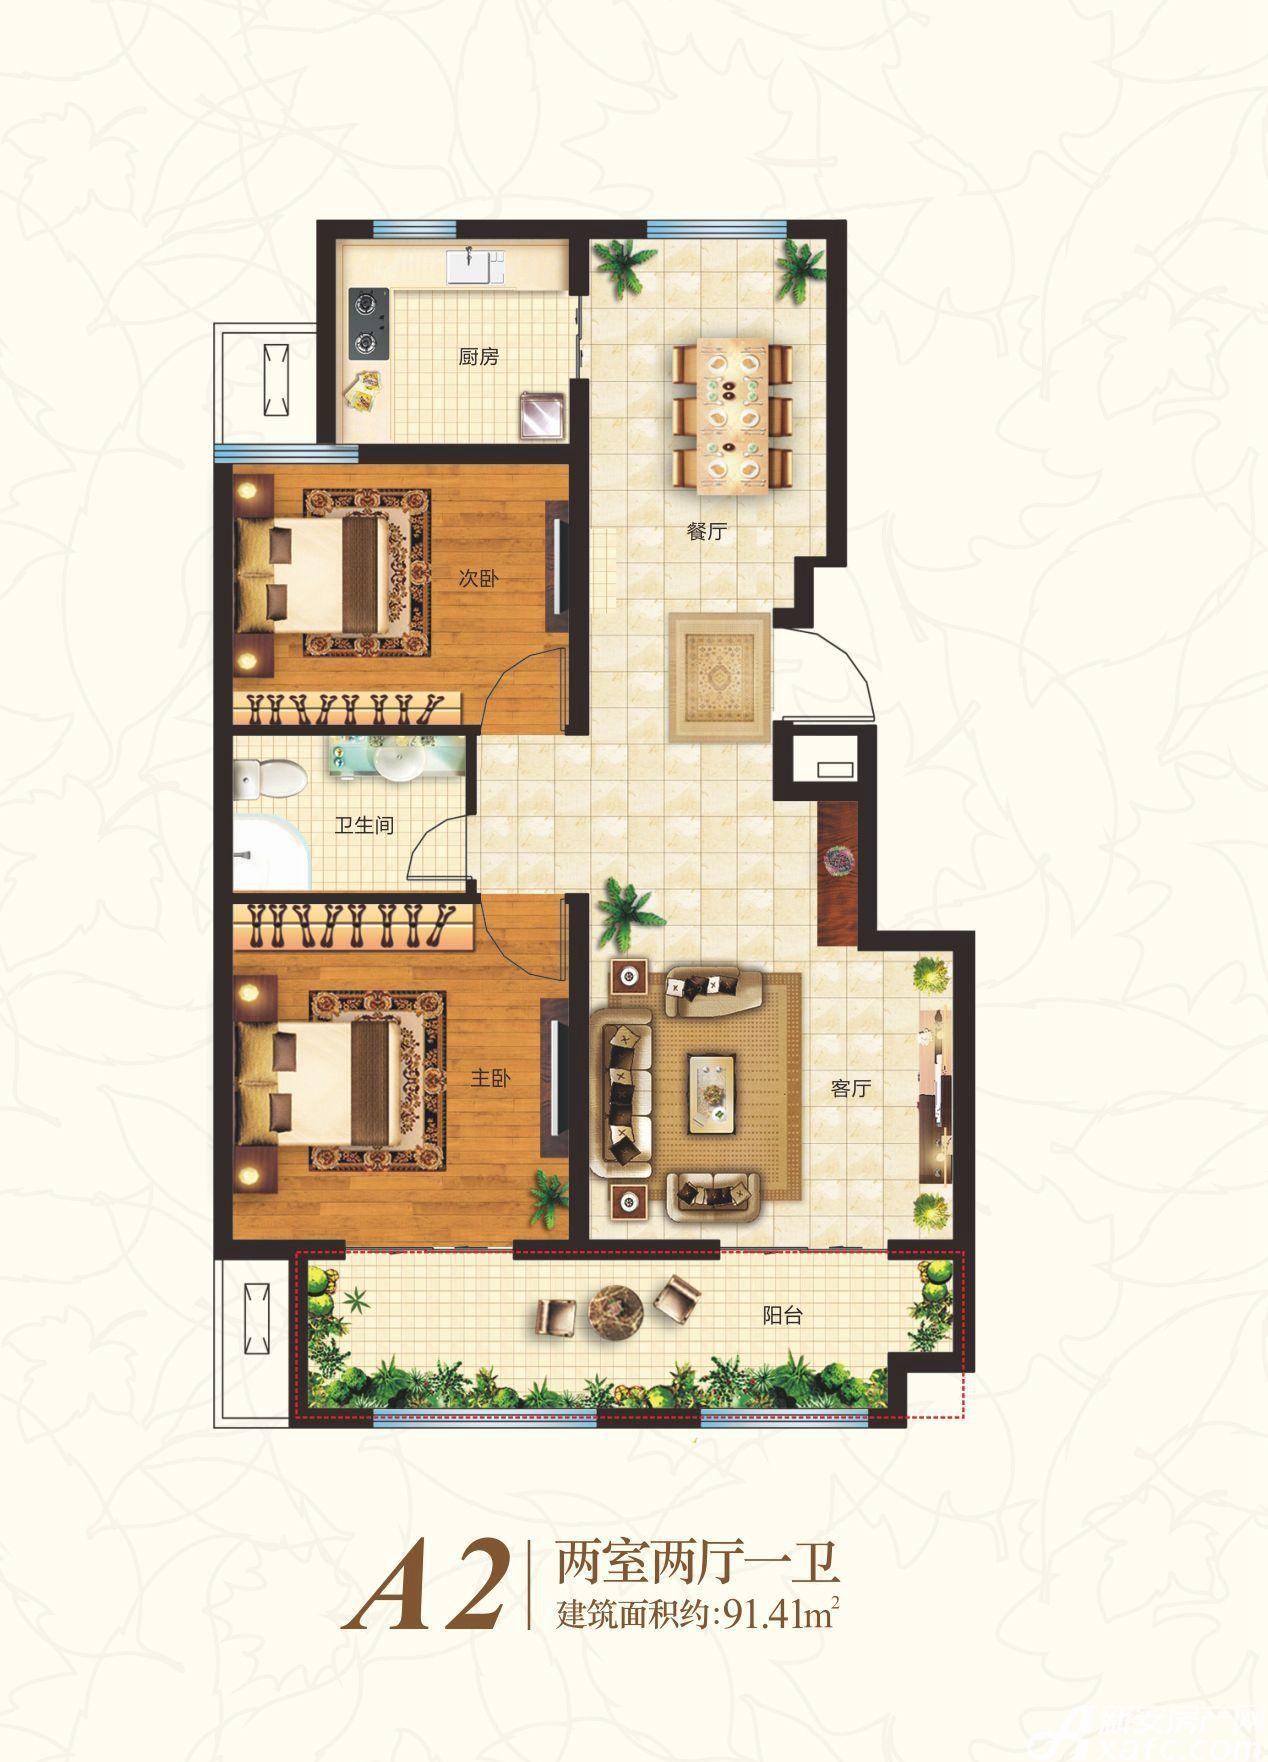 众发·阳光水岸A2户型2室2厅91.41平米